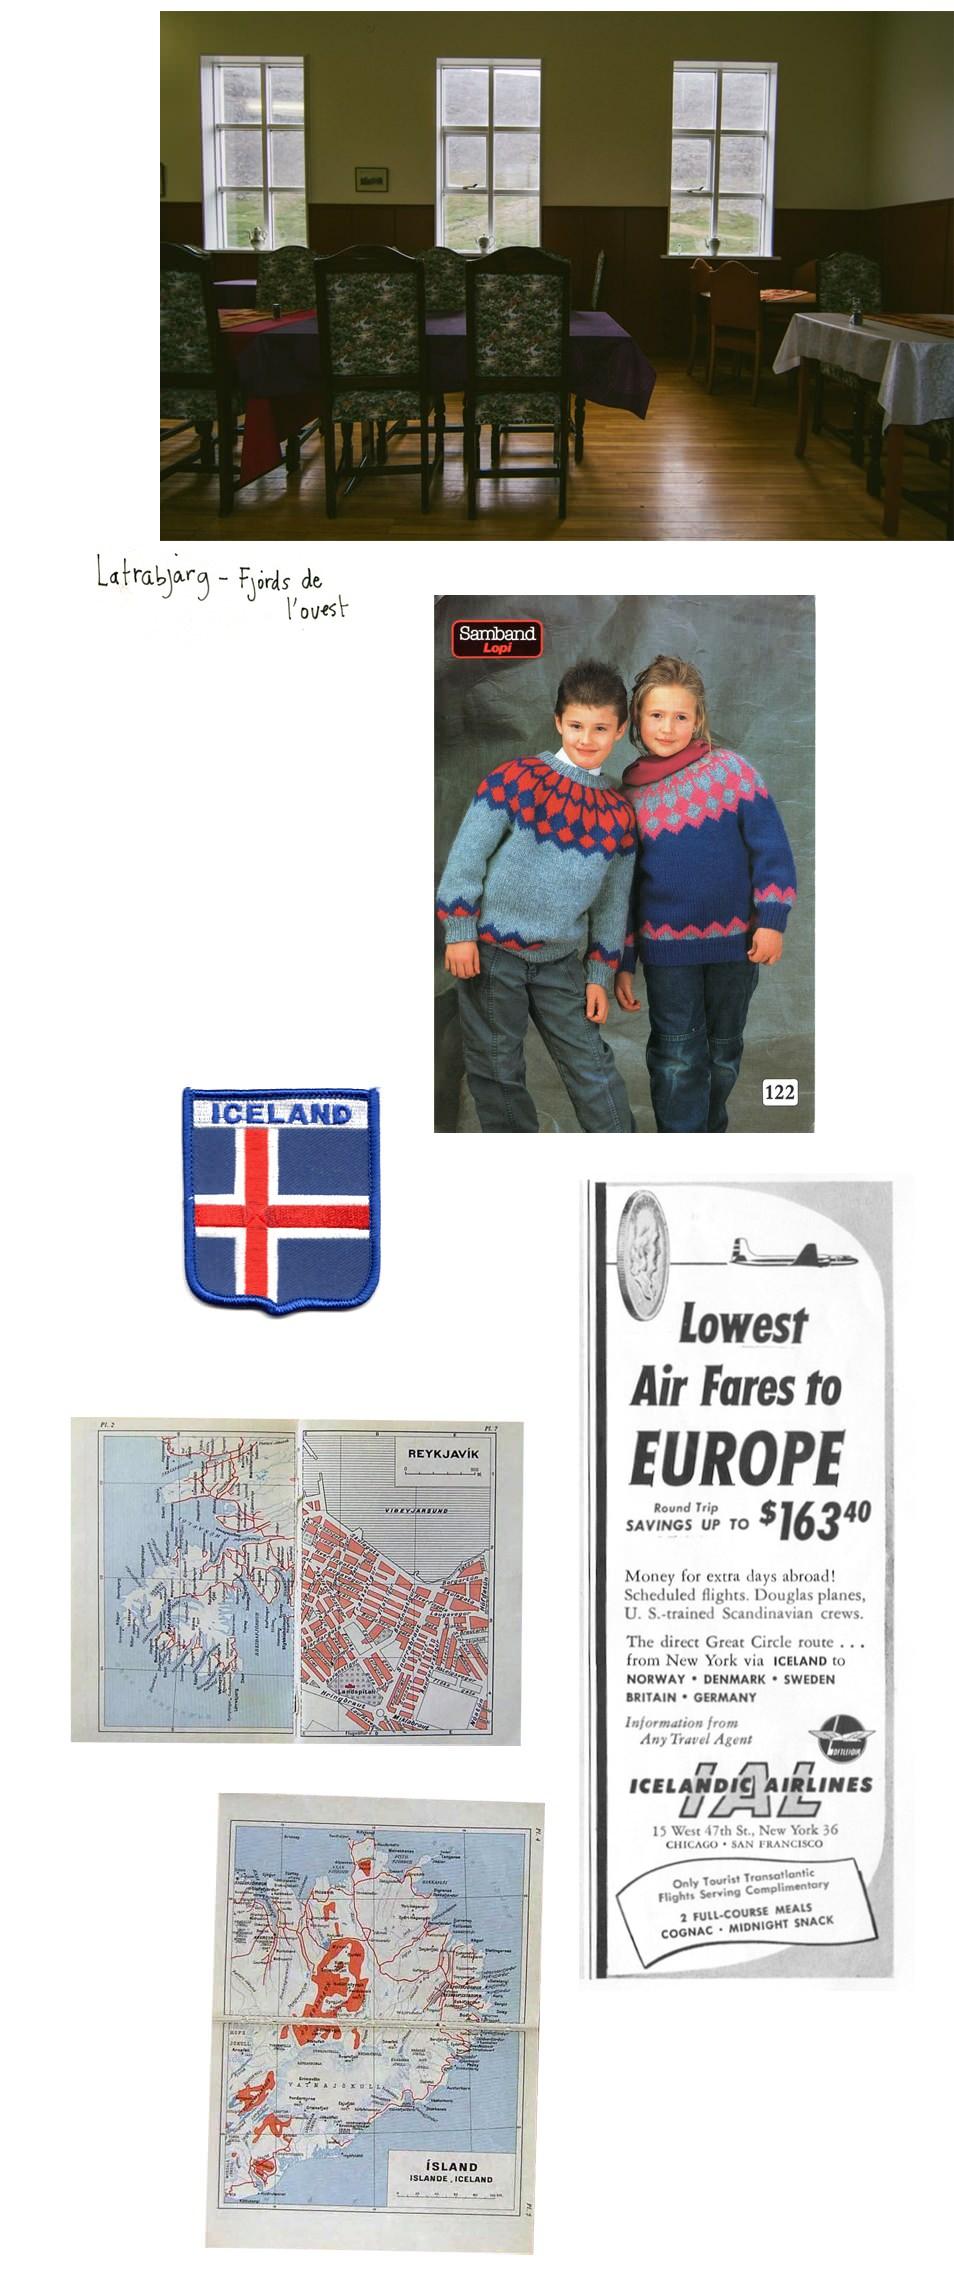 Carnet de voyage Islande